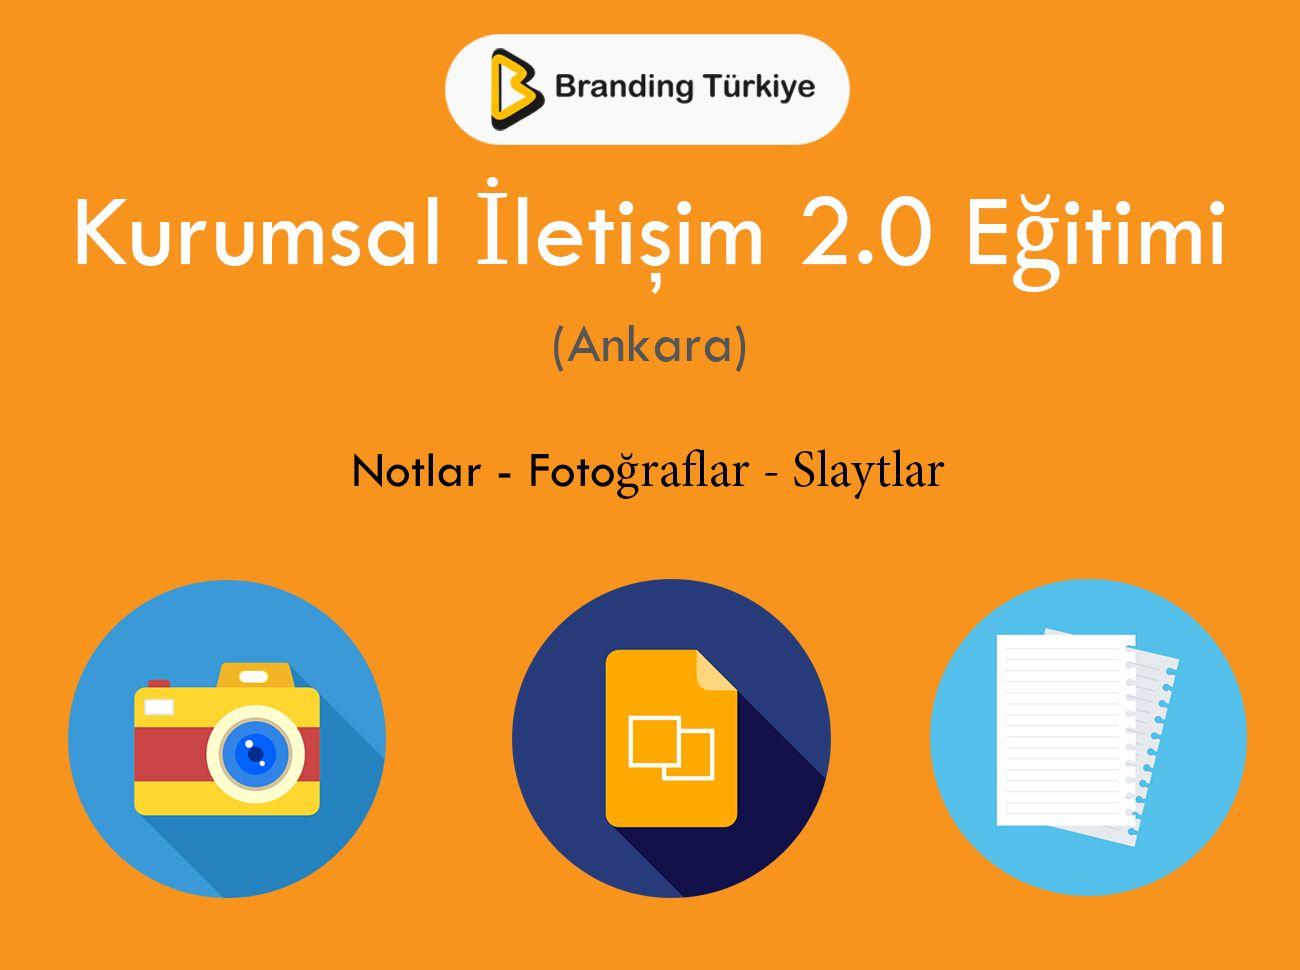 Kurumsal İletişim 2.0 Etkinlik Notları (Ankara)